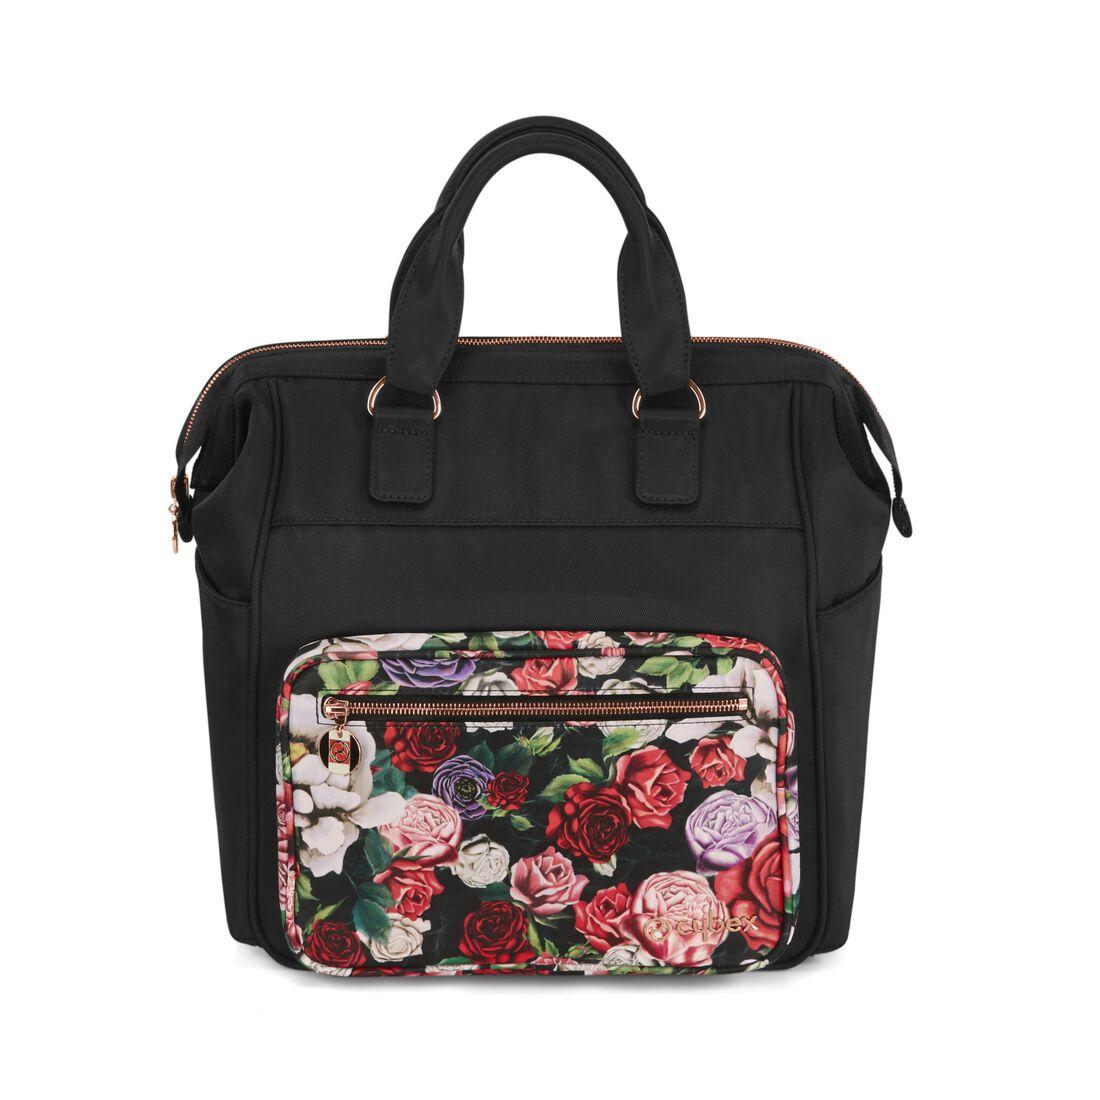 CYBEX Changing Bag Stroller  - Spring Blossom Dark in Spring Blossom Dark large image number 1